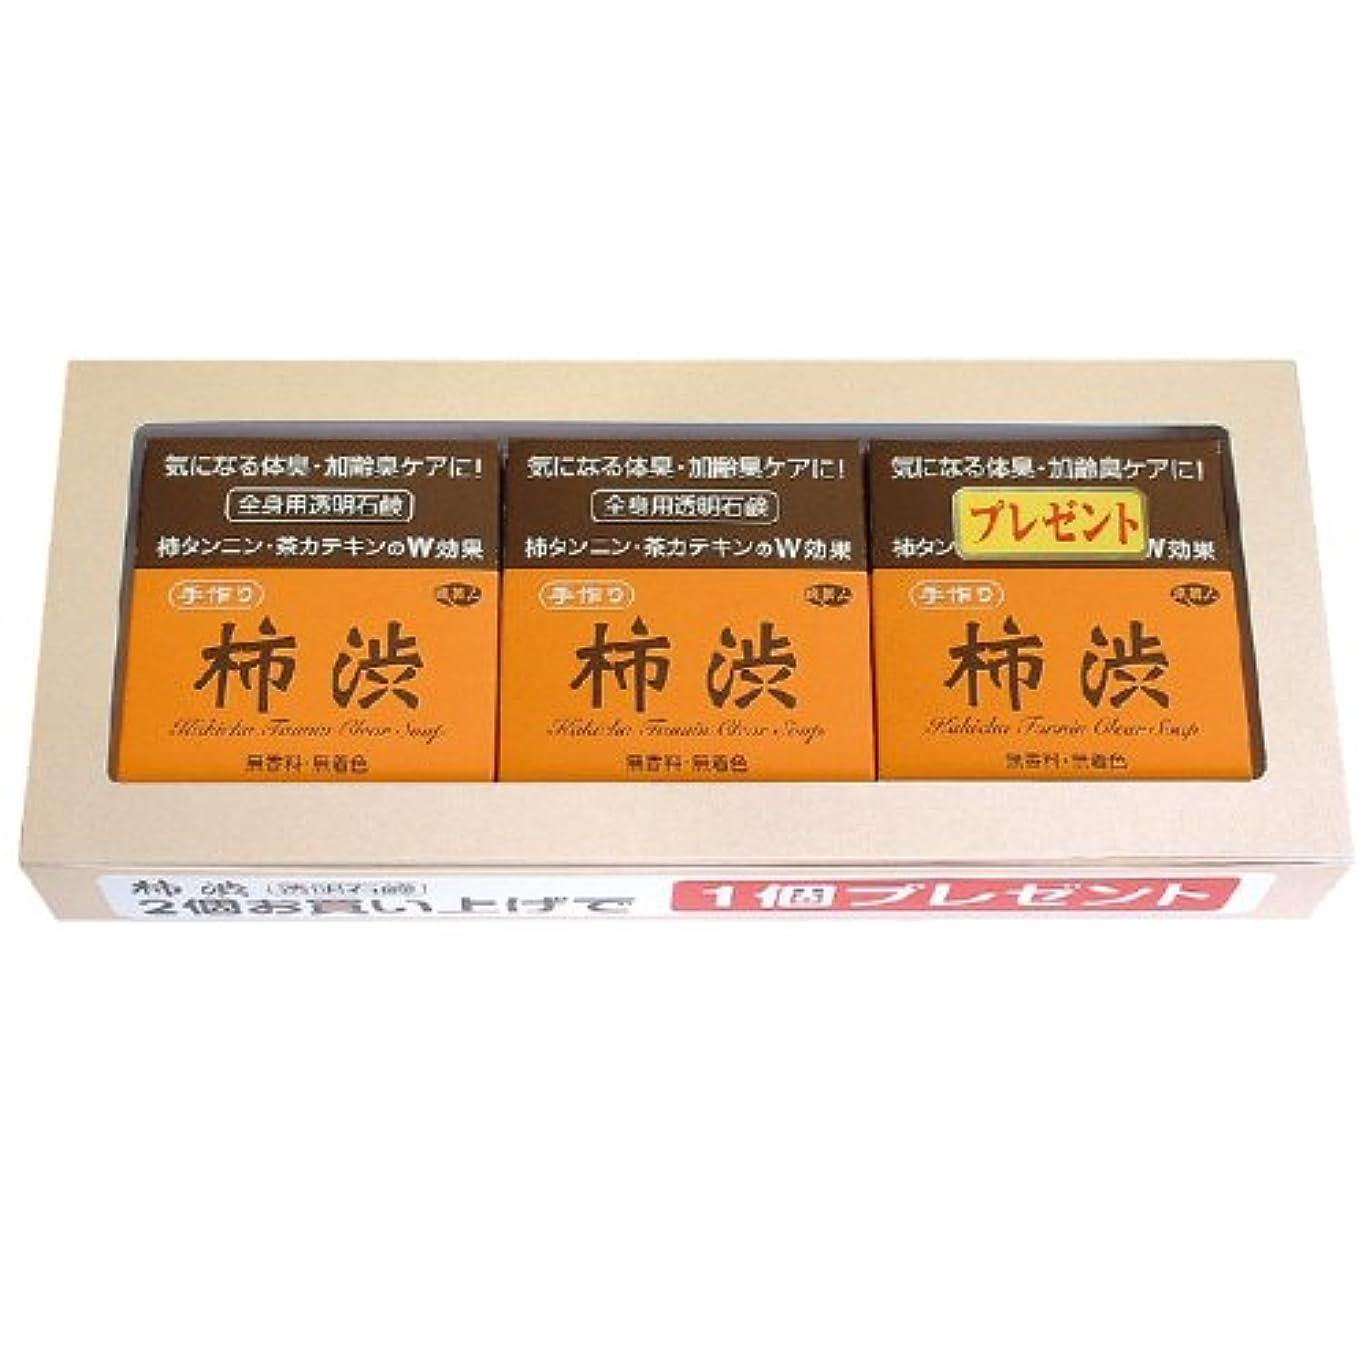 四面体溶けた証明書アズマ商事の 柿渋透明石鹸 2個の値段で3個入りセット